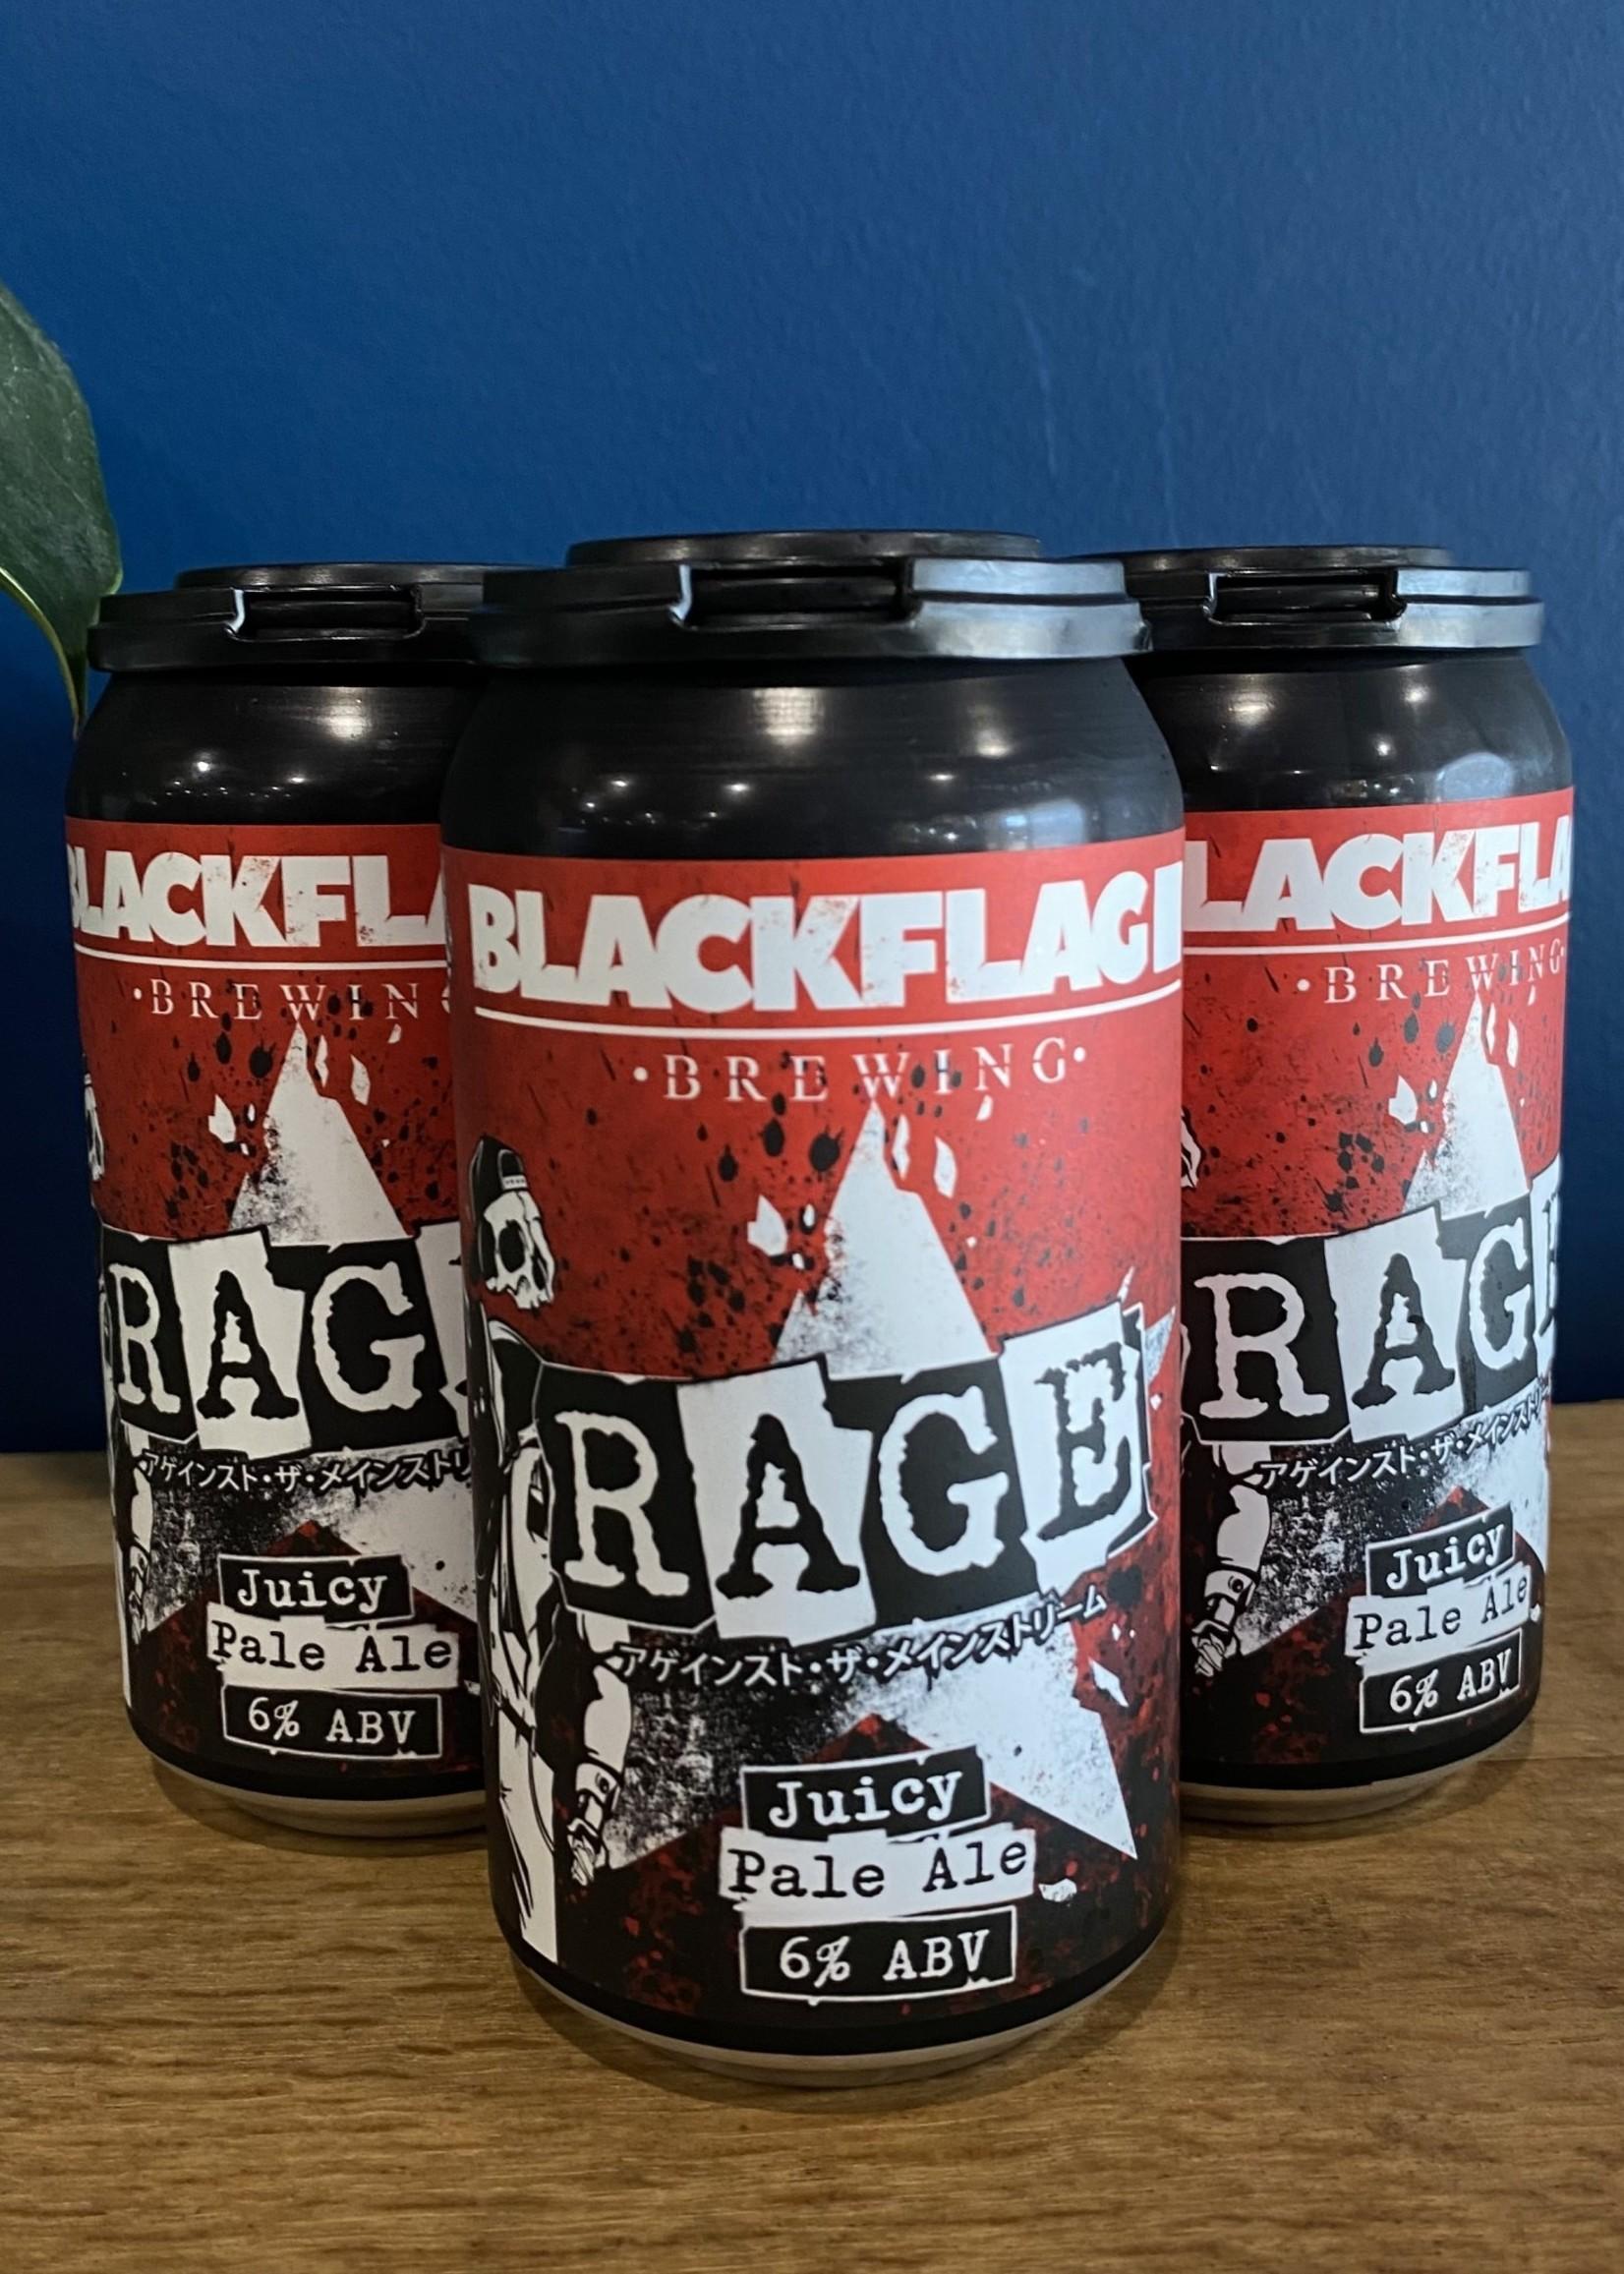 Black Flag Brewing Black Flag 'Rage' Juicy Pale Ale